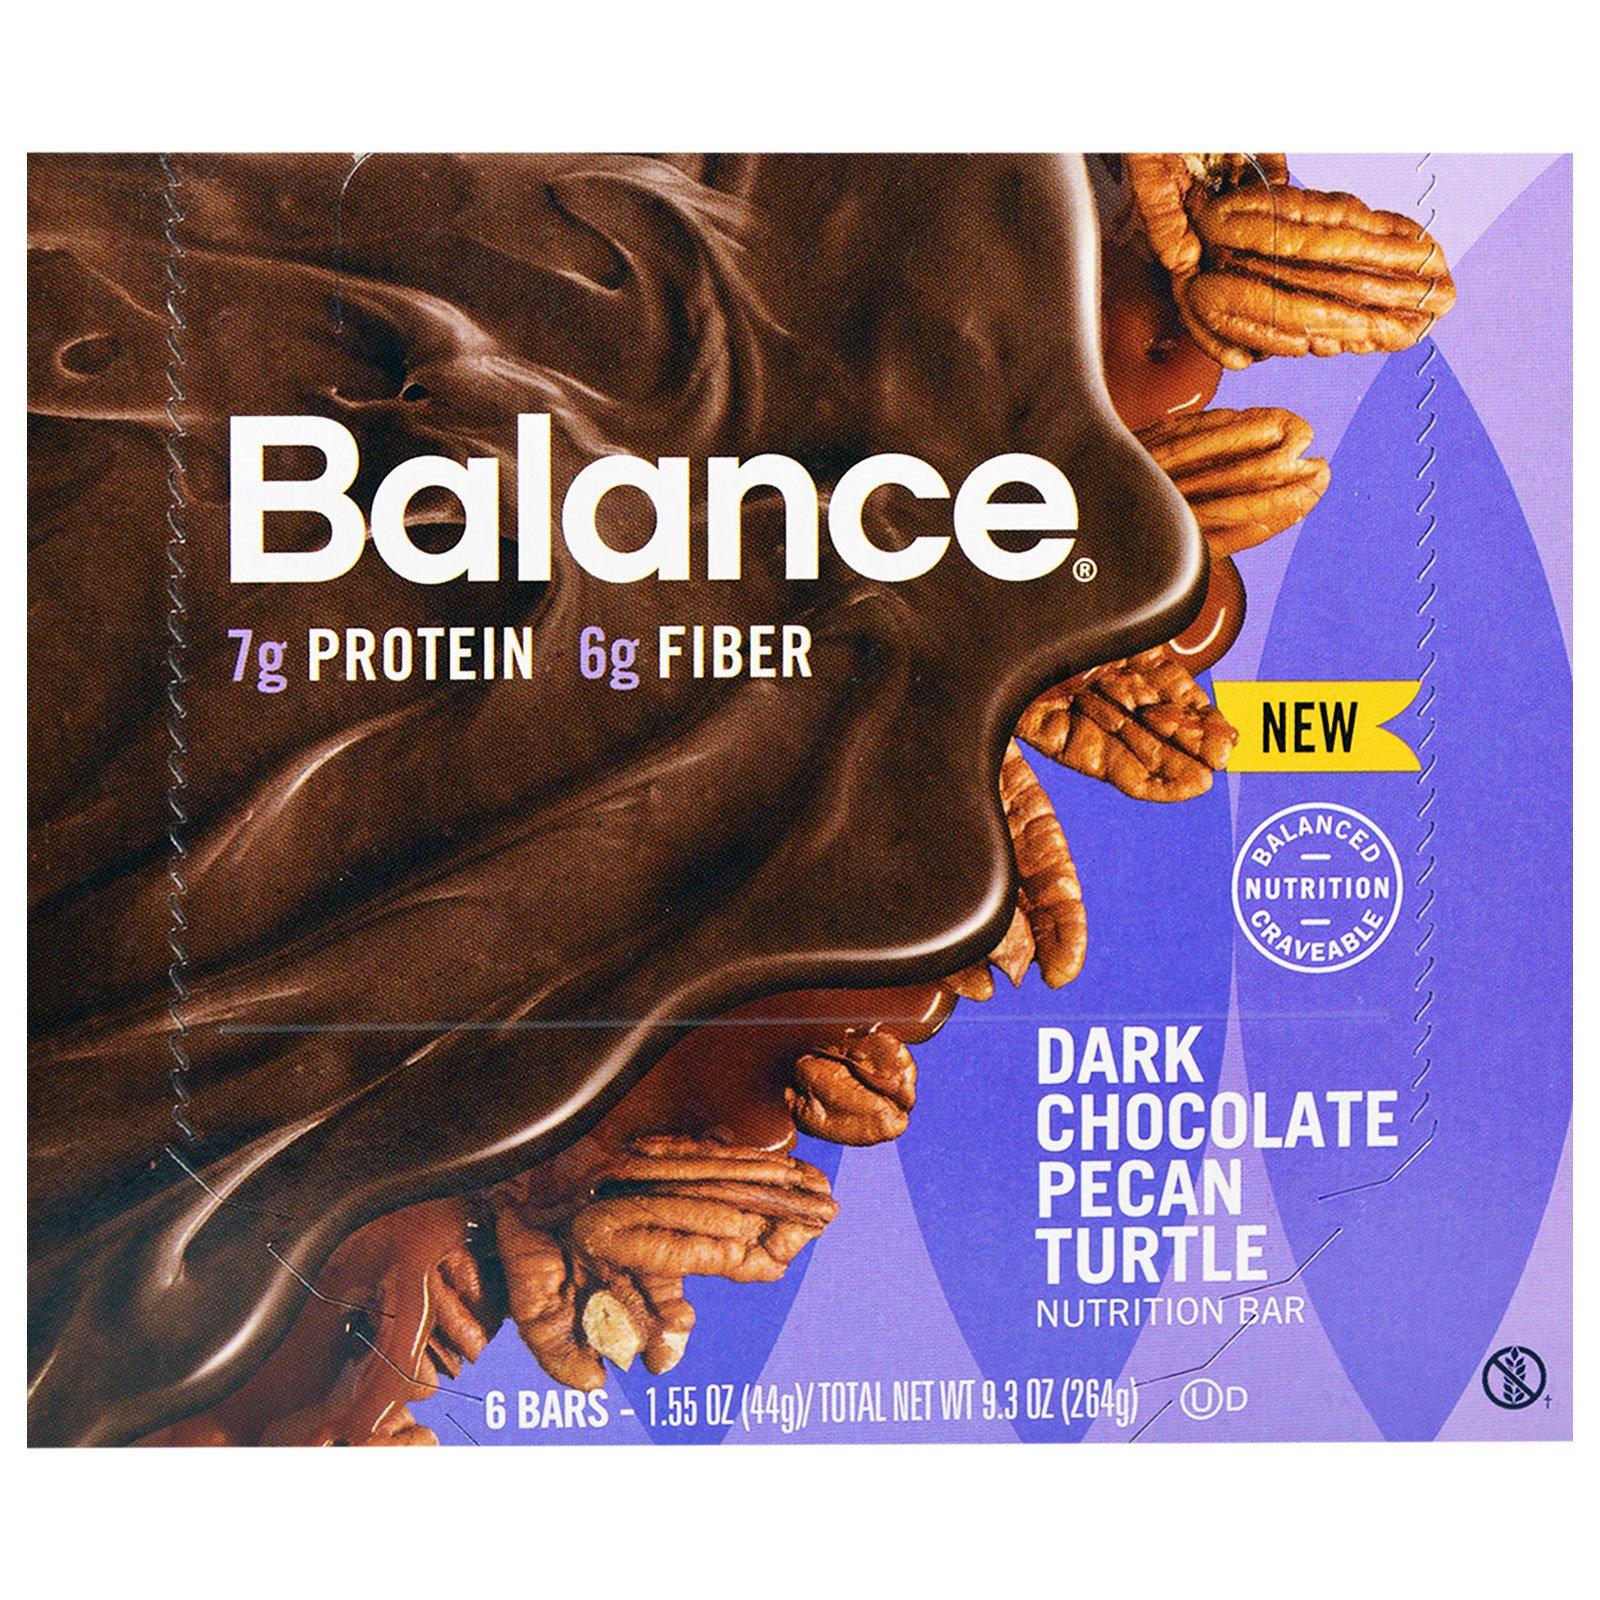 Balance Bar, Батончик Здорового Питания, Темный шоколад с Пеканом, 6 батончиков, 1,55 унции (44 г) каждый